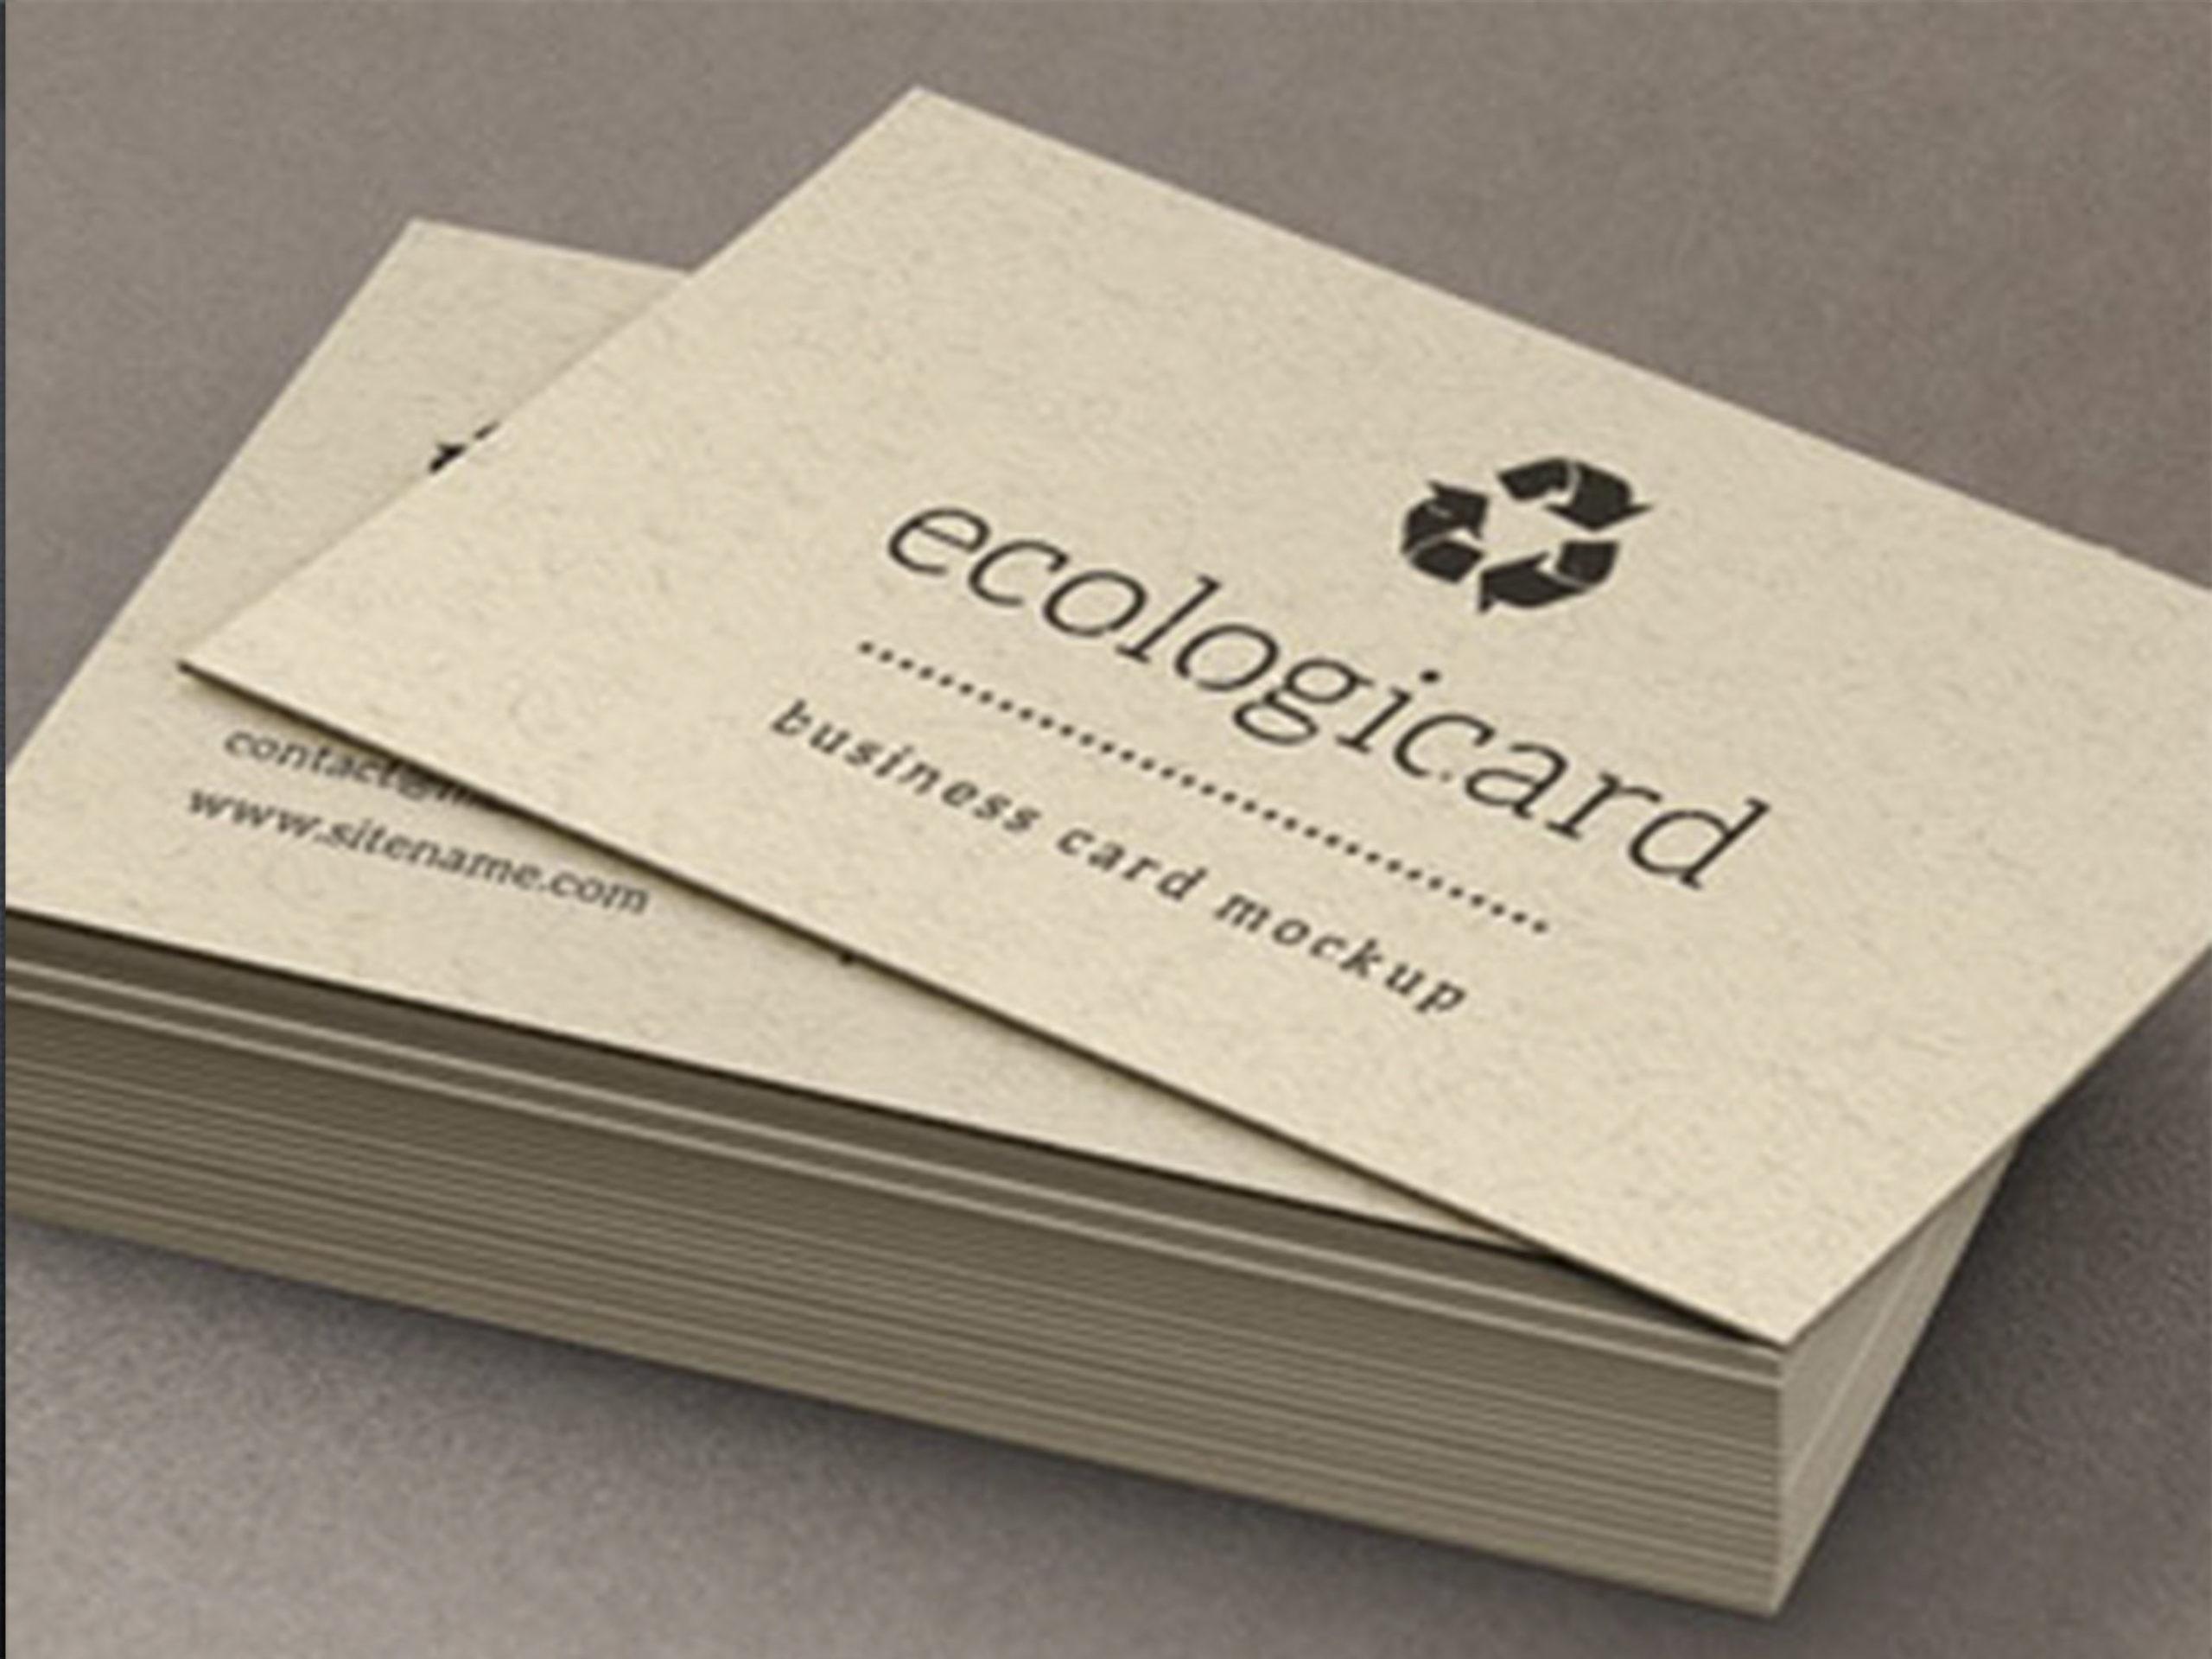 tarjeta de presentacion ecologica